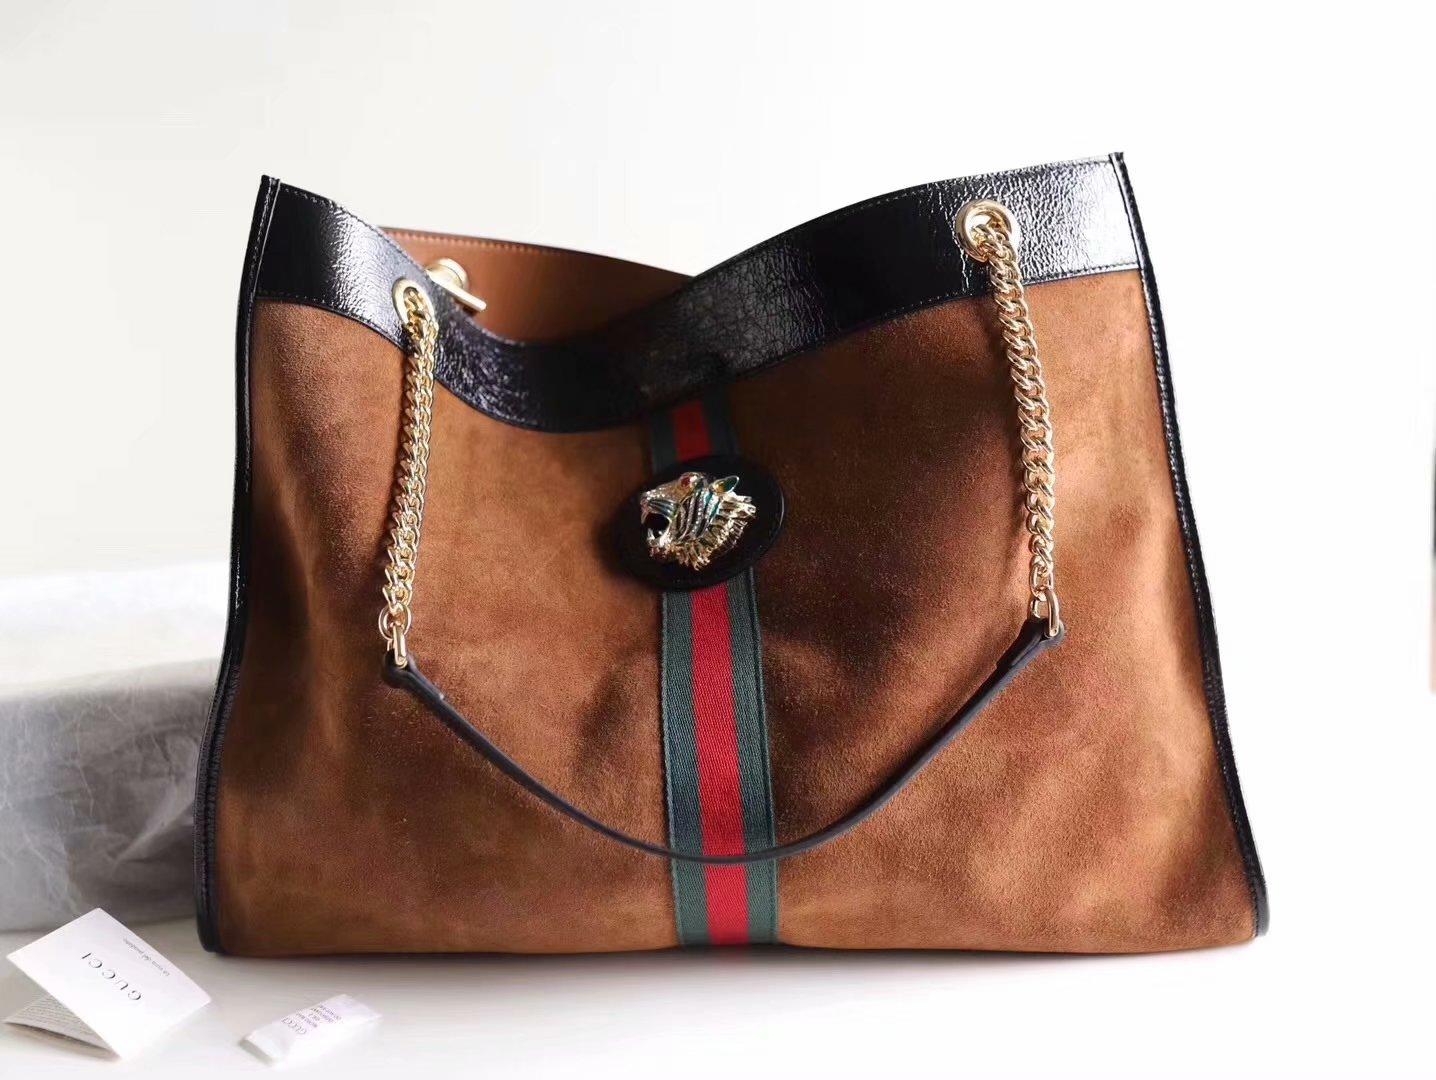 NEW Replica Gucci 737219 Rajah Large Tote Women Bag